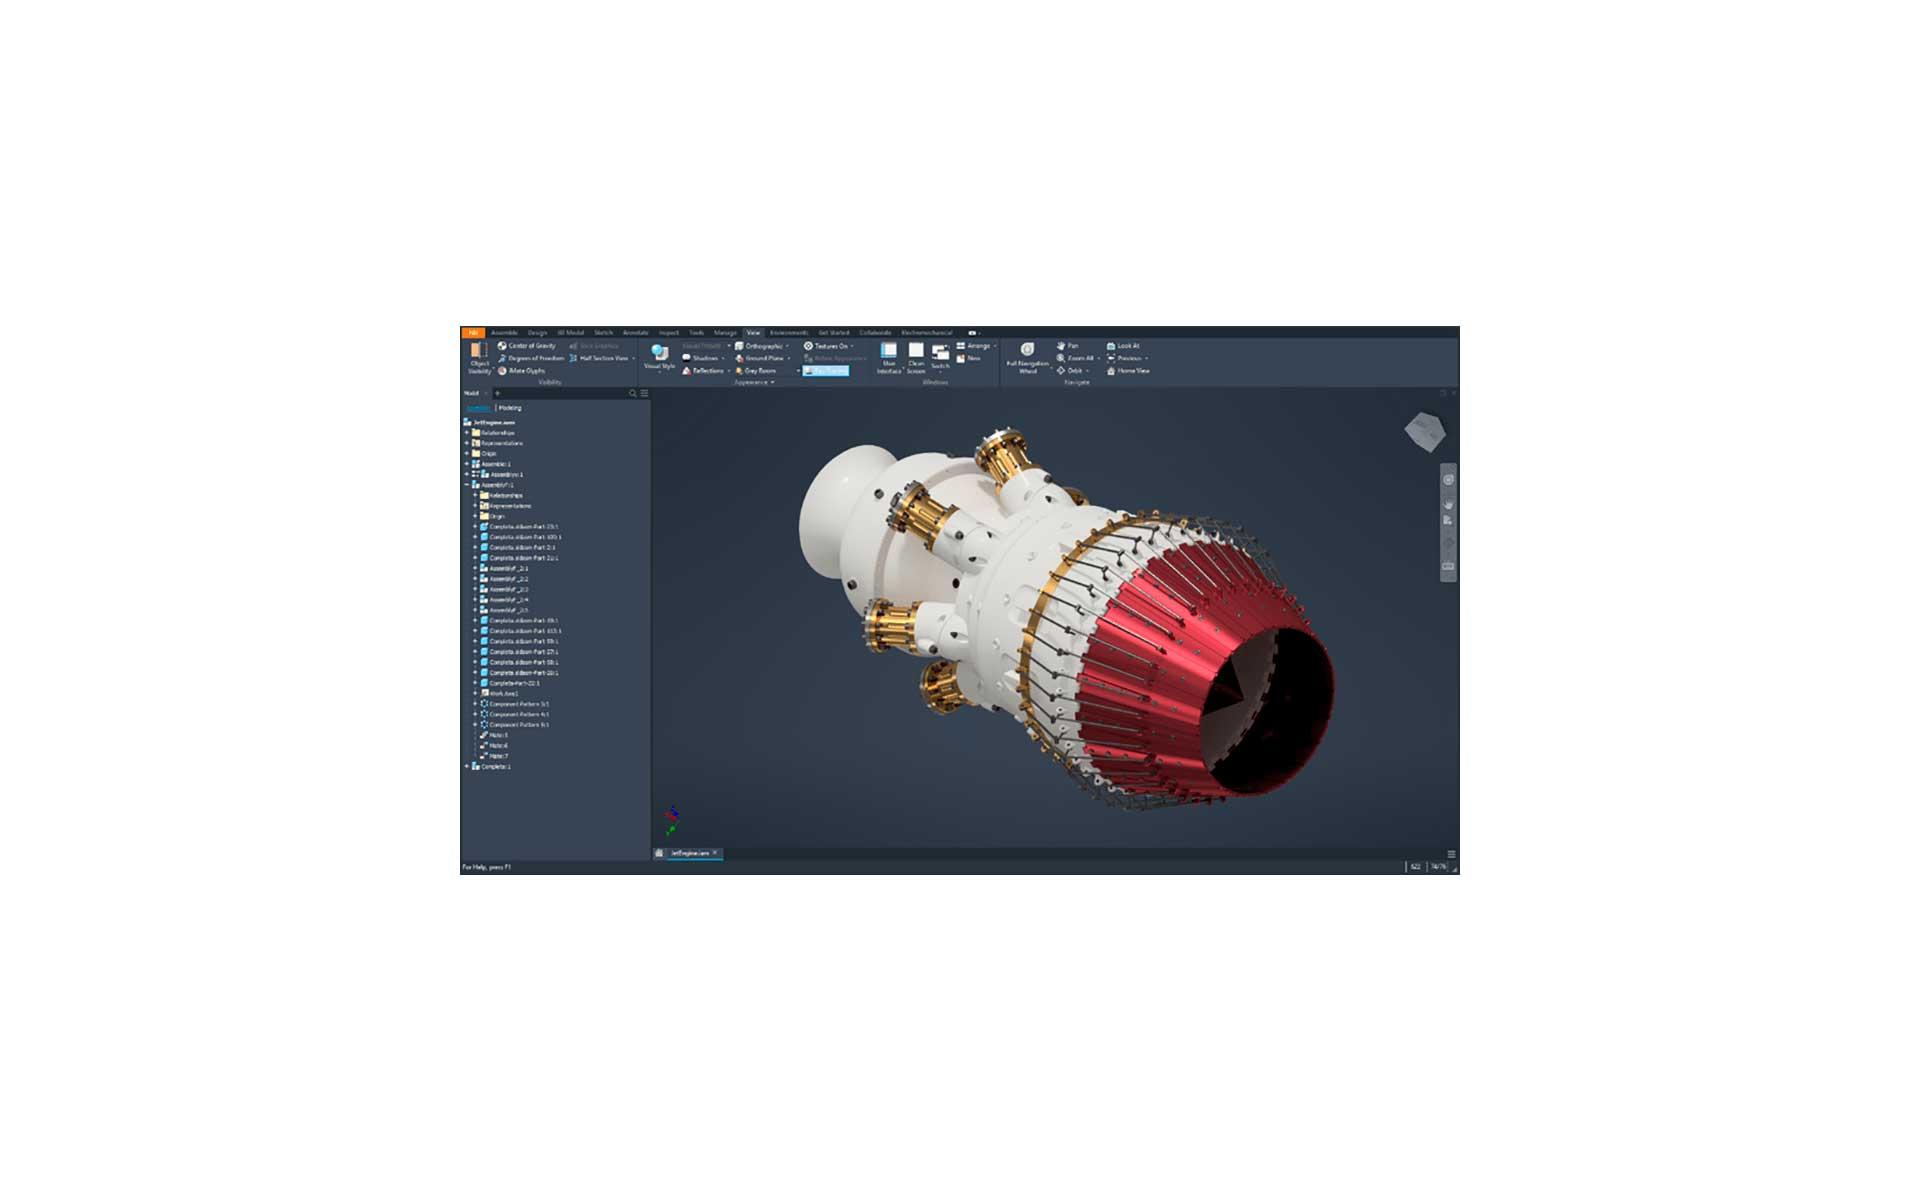 Configurare Pc Per Inventor 2021 02 1920 X 1200